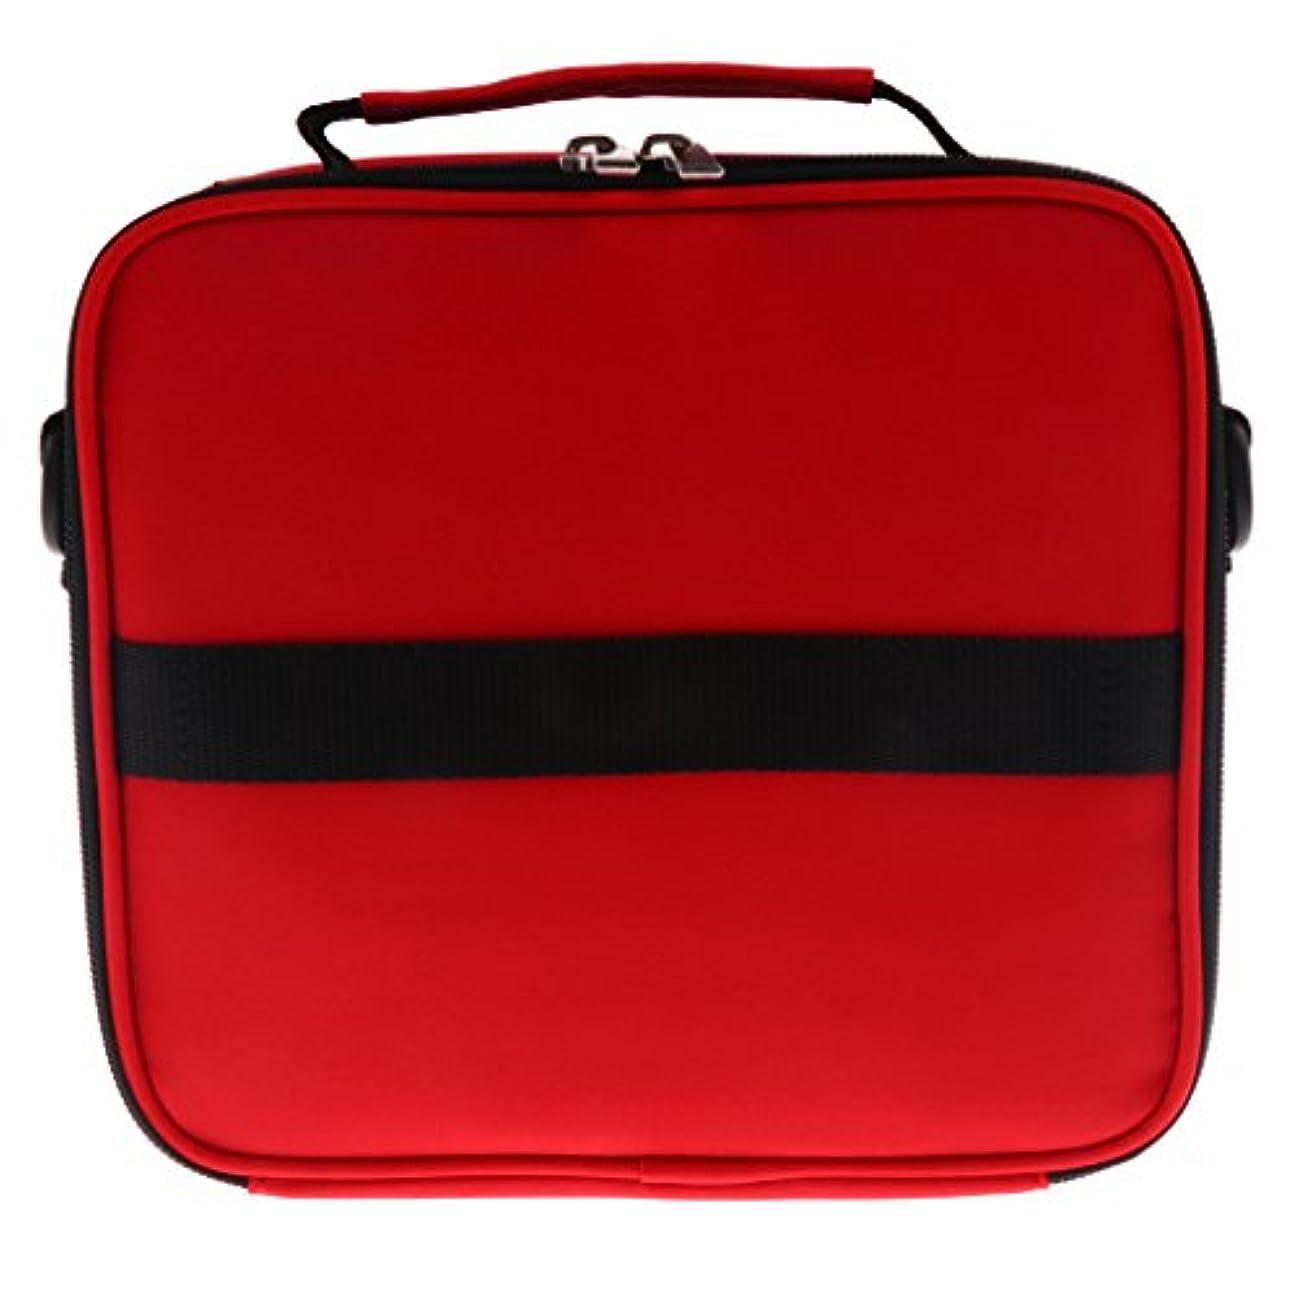 道に迷いましたセミナー失敗Hellery 全6色 アロマポーチ エッセンシャルオイル ケース 香水収納バッグ アロマケース 携帯用 30本用 - 赤